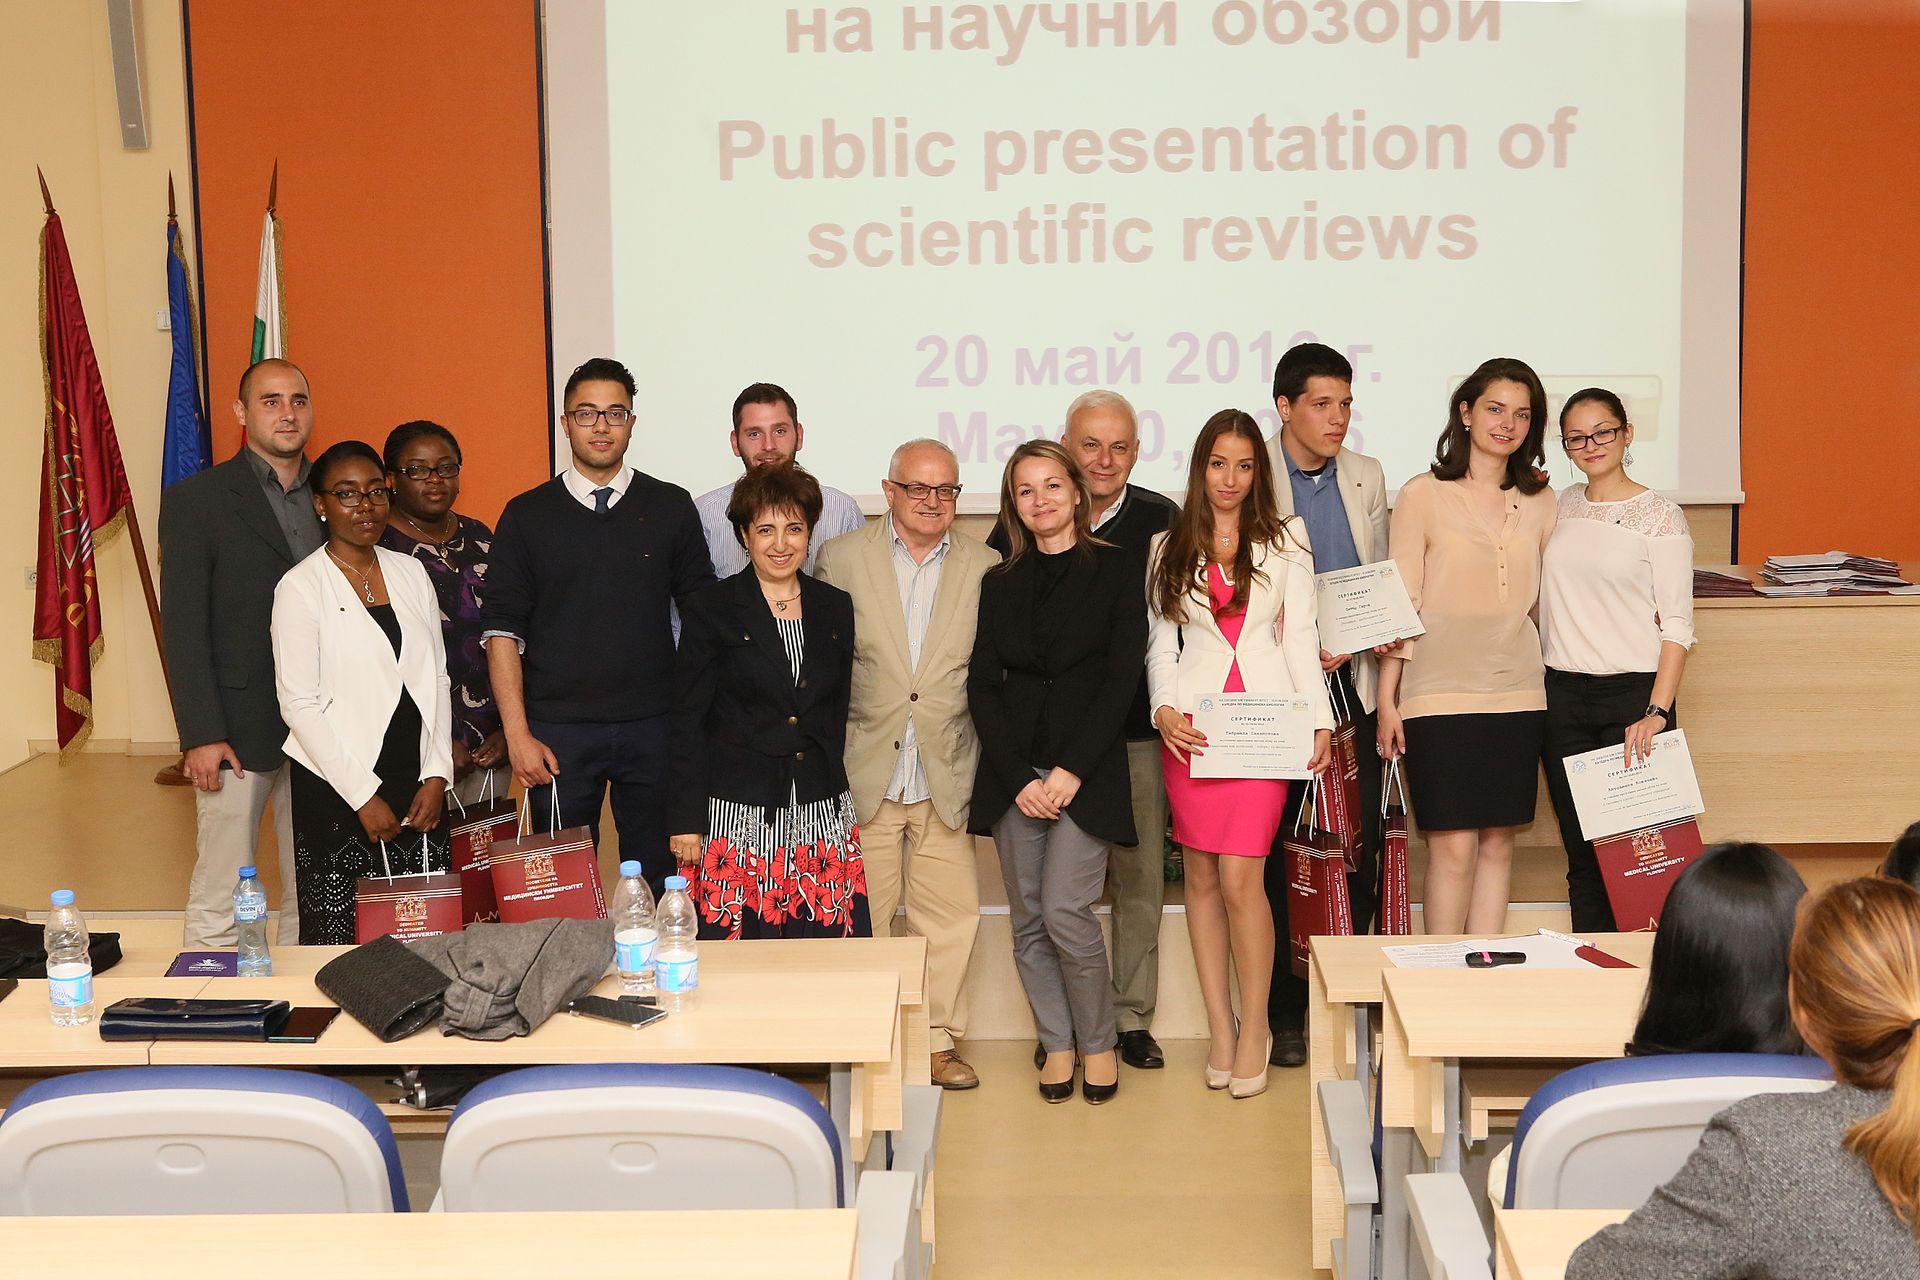 Публично представяне на научни обзори, Медицинска биология, МУ Пловдив